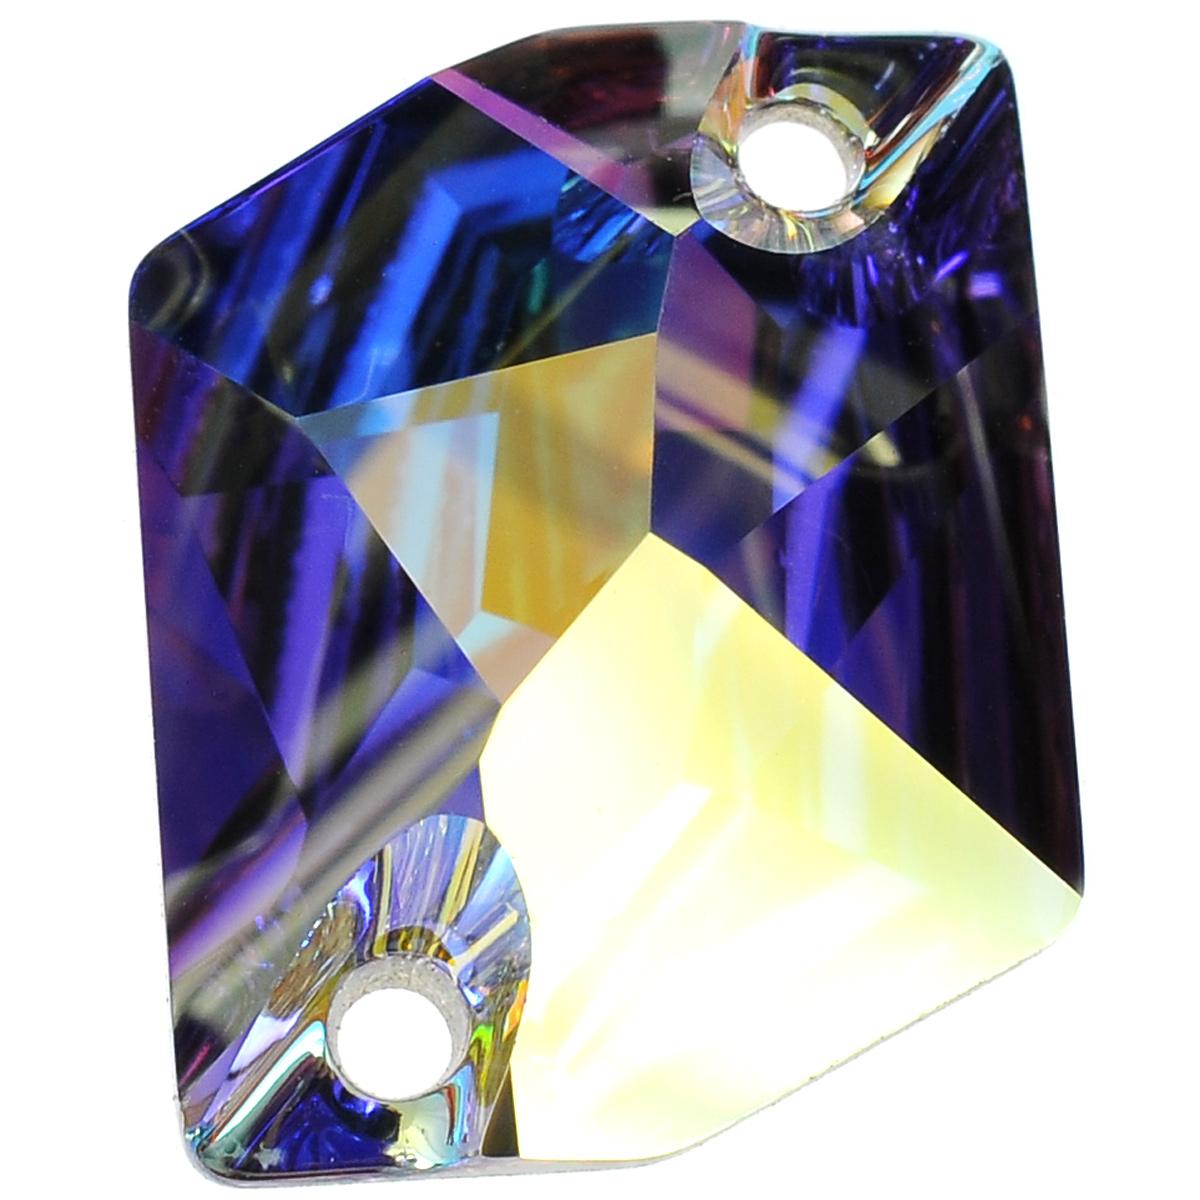 Камень нашивной Swarovski Elements, цвет: перламутровый (crystal AB), 20 мм х 16 мм691215_crystal ABНашивной камень Swarovski Elements неправильной формы может быть пришит на любой тип ткани или принадлежностей. Имеет 2 отверстия для пришивания. Украшения, созданные своими руками, подчеркнут образ вашей маленькой модницы или послужат чудесным подарком для друзей и близких.